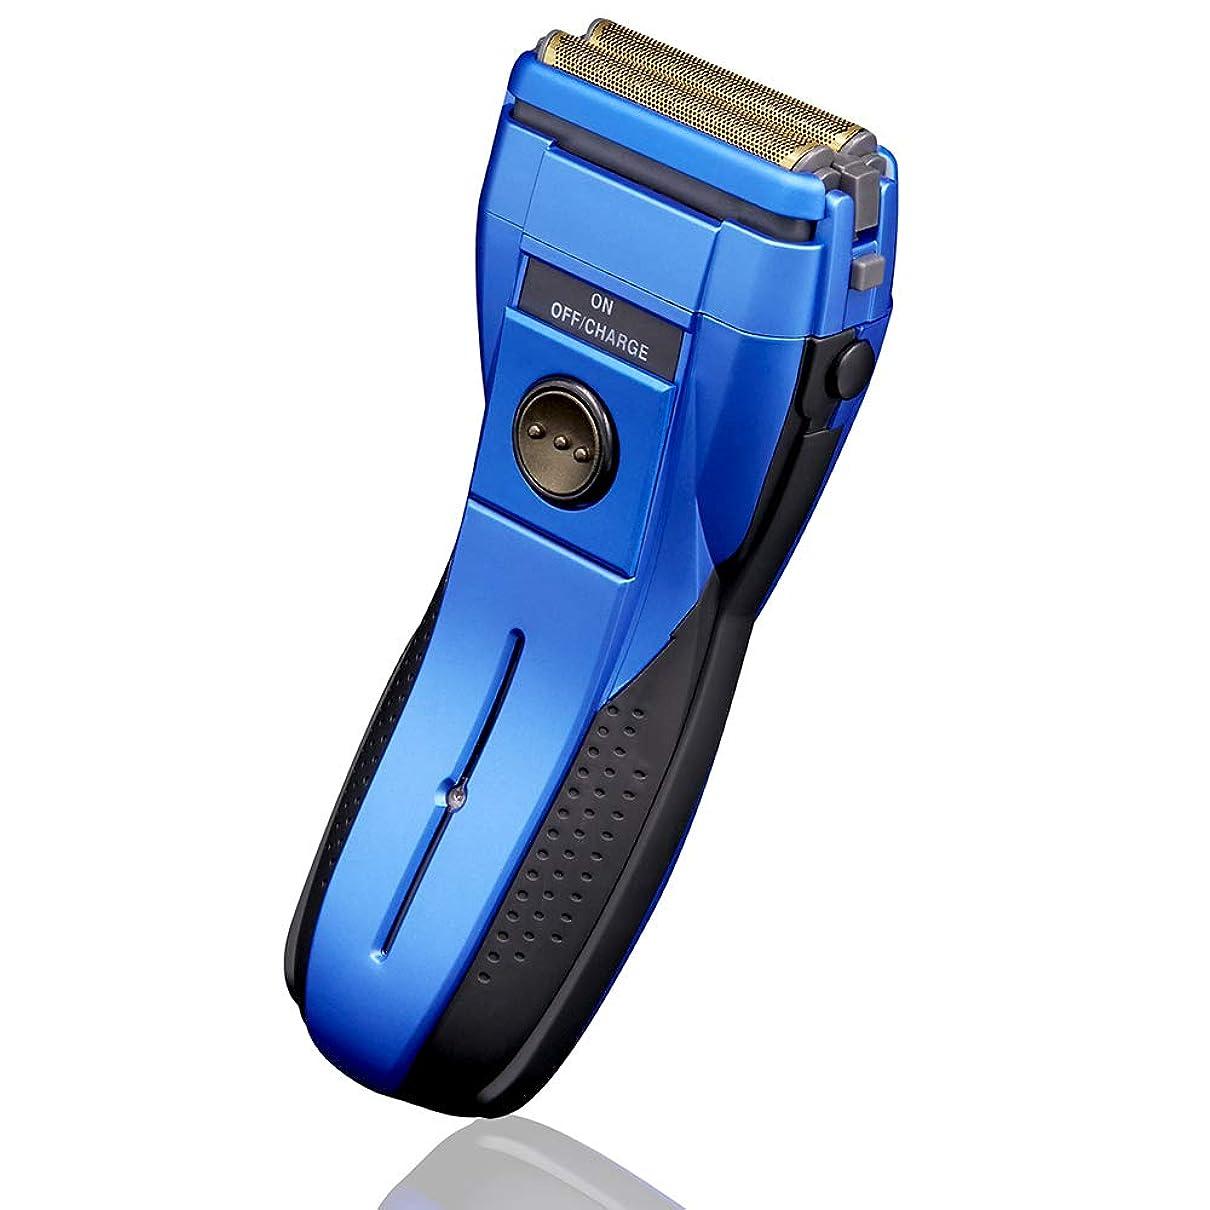 糸恥ずかしい雑草電気シェーバー 2枚刃 髭剃り メンズシェーバー 替え刃付属付き 水洗い対応 ウォッシャブル 充電式 独立フローティング2枚刃 (Blue)